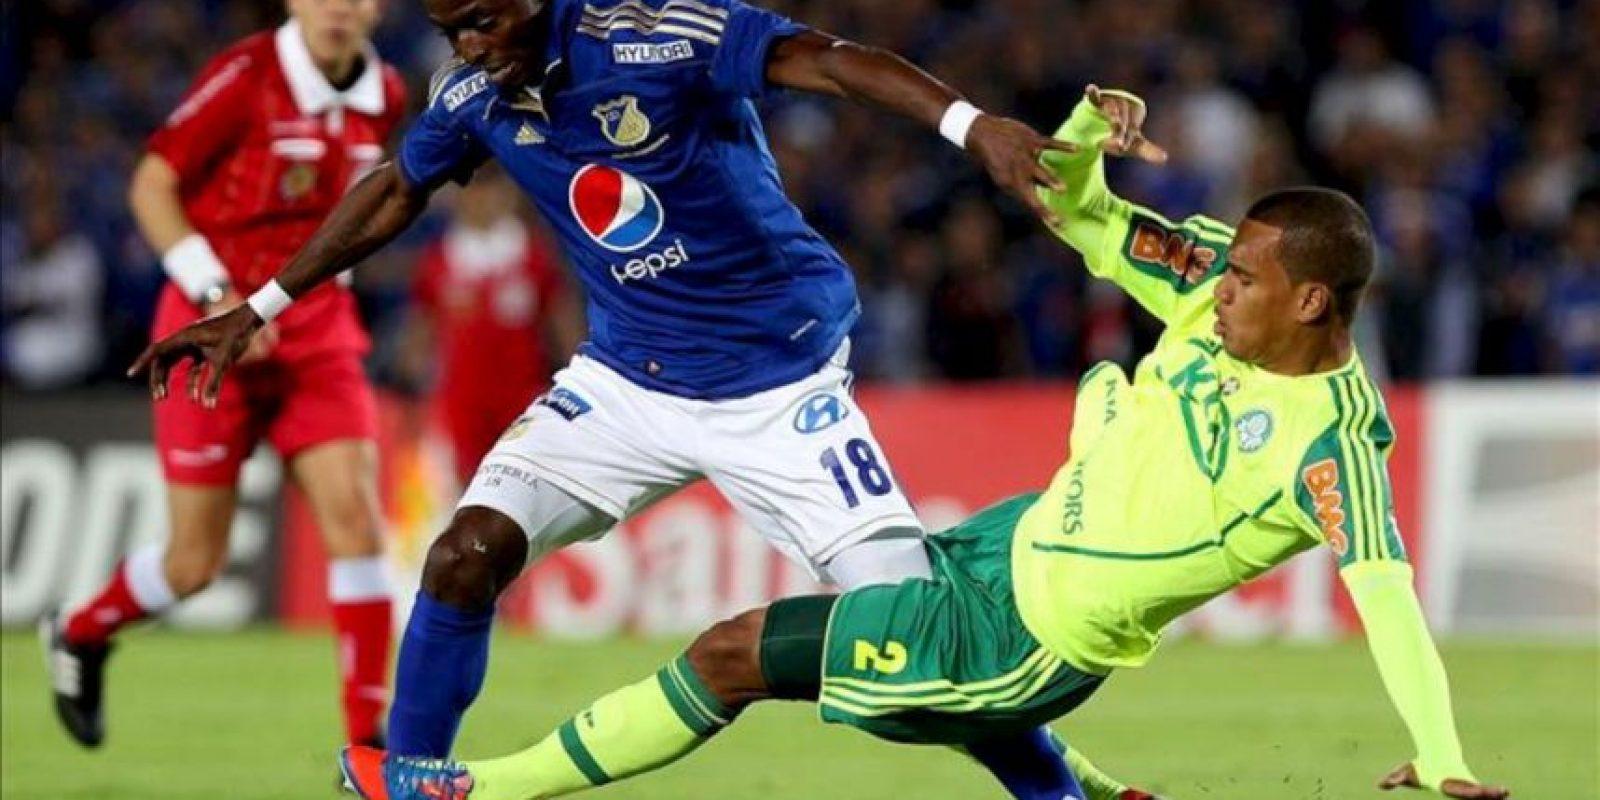 El jugador Artur (d) del brasileño Palmeiras disputa un balón con Wason Rentería del colombiano Millonarios este 23 de octubre, en un partido de vuelta de los octavos de final de la Copa Sudamericana 2012 en Bogotá (Colombia). EFE